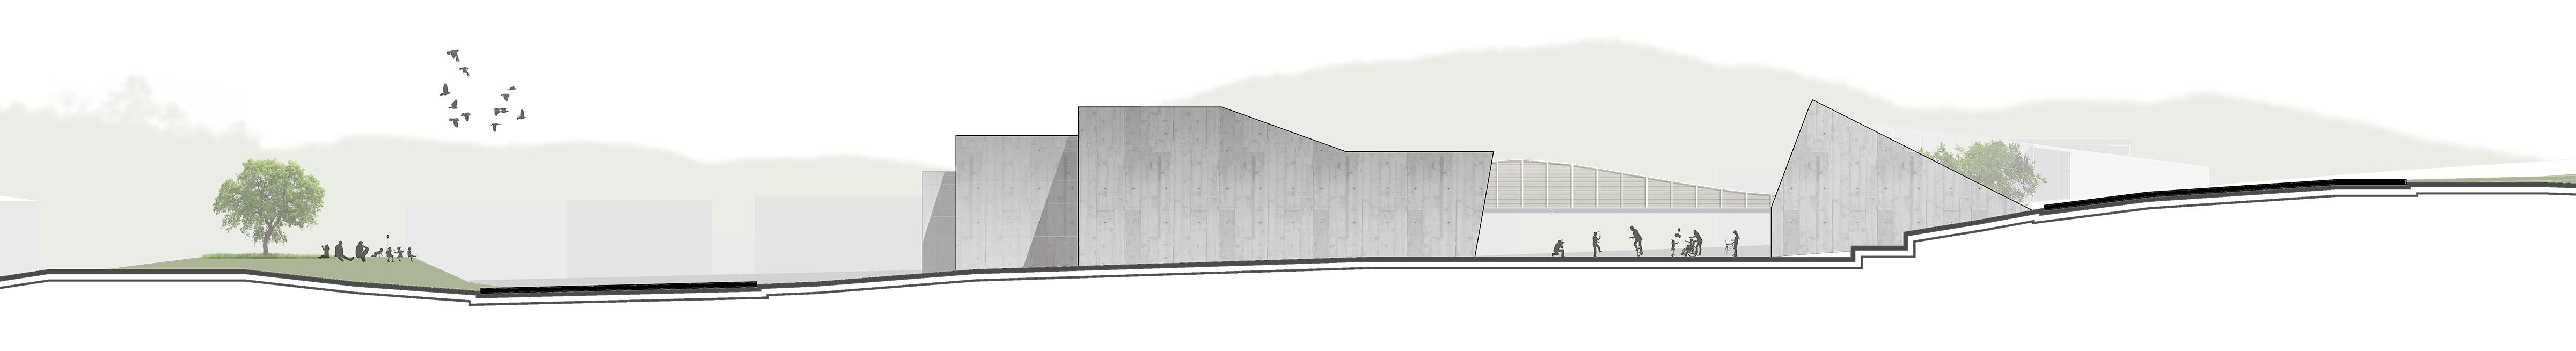 Auditorium Facade